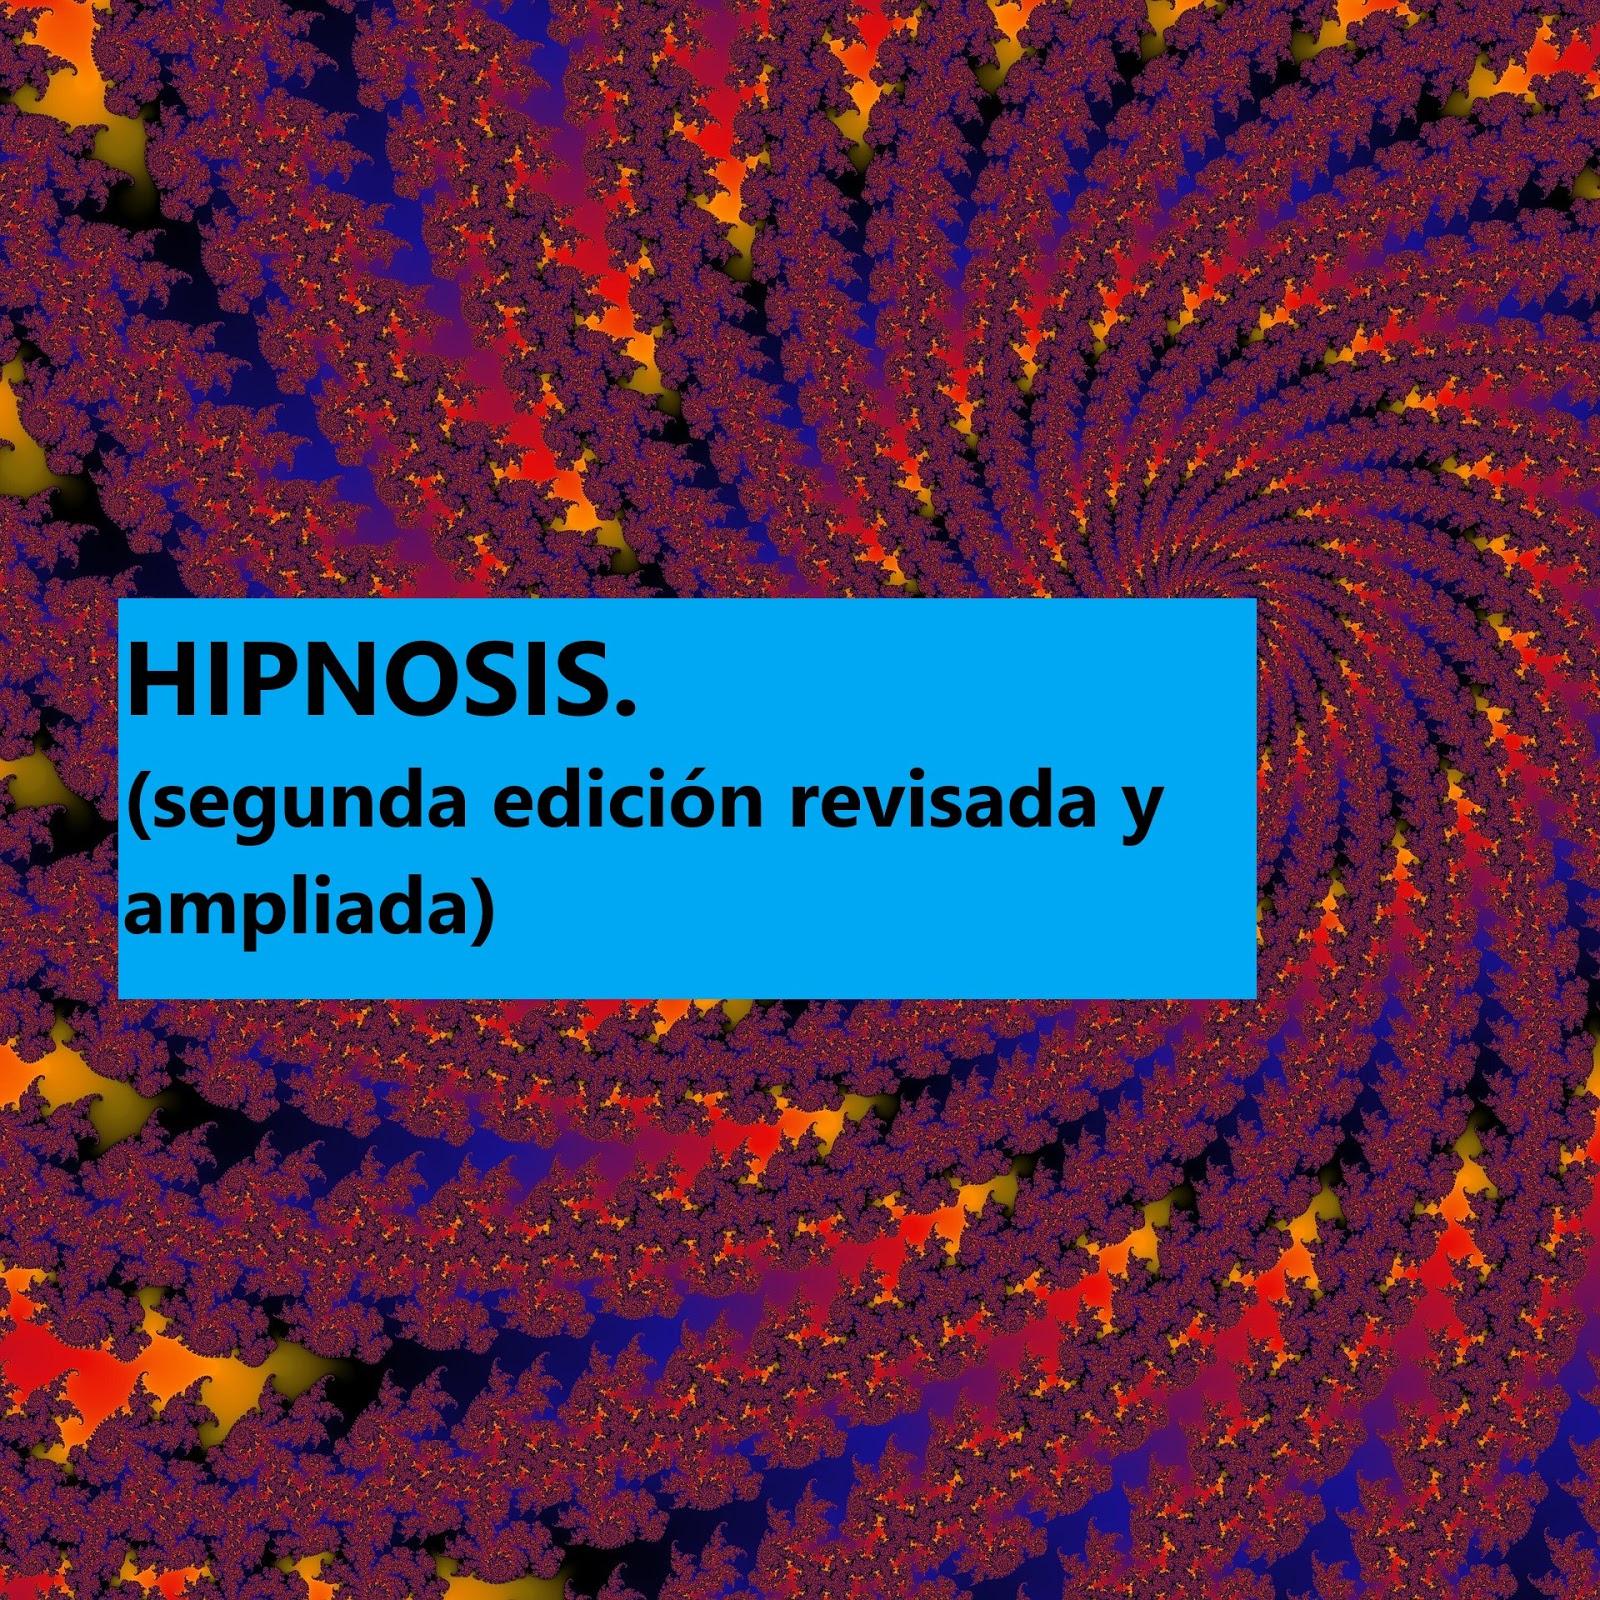 La hipnosis en la Clínica. Antonio Capafons.  PDF para descargar gratis